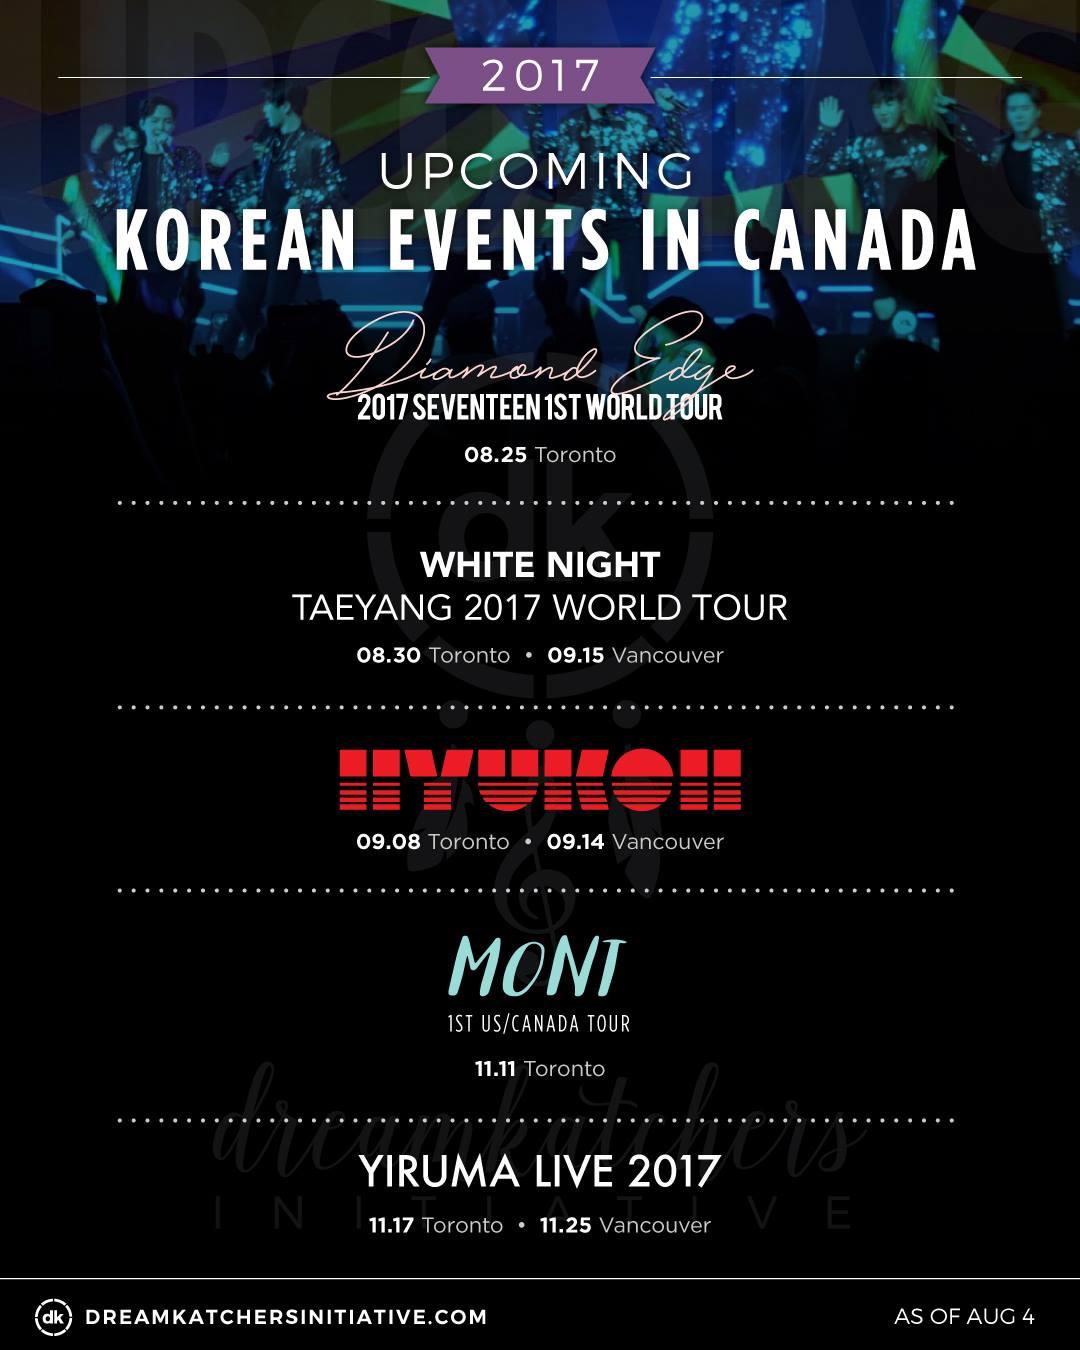 Dreamkatchers Initiative | 8/4 update of upcoming korean events in Canada!